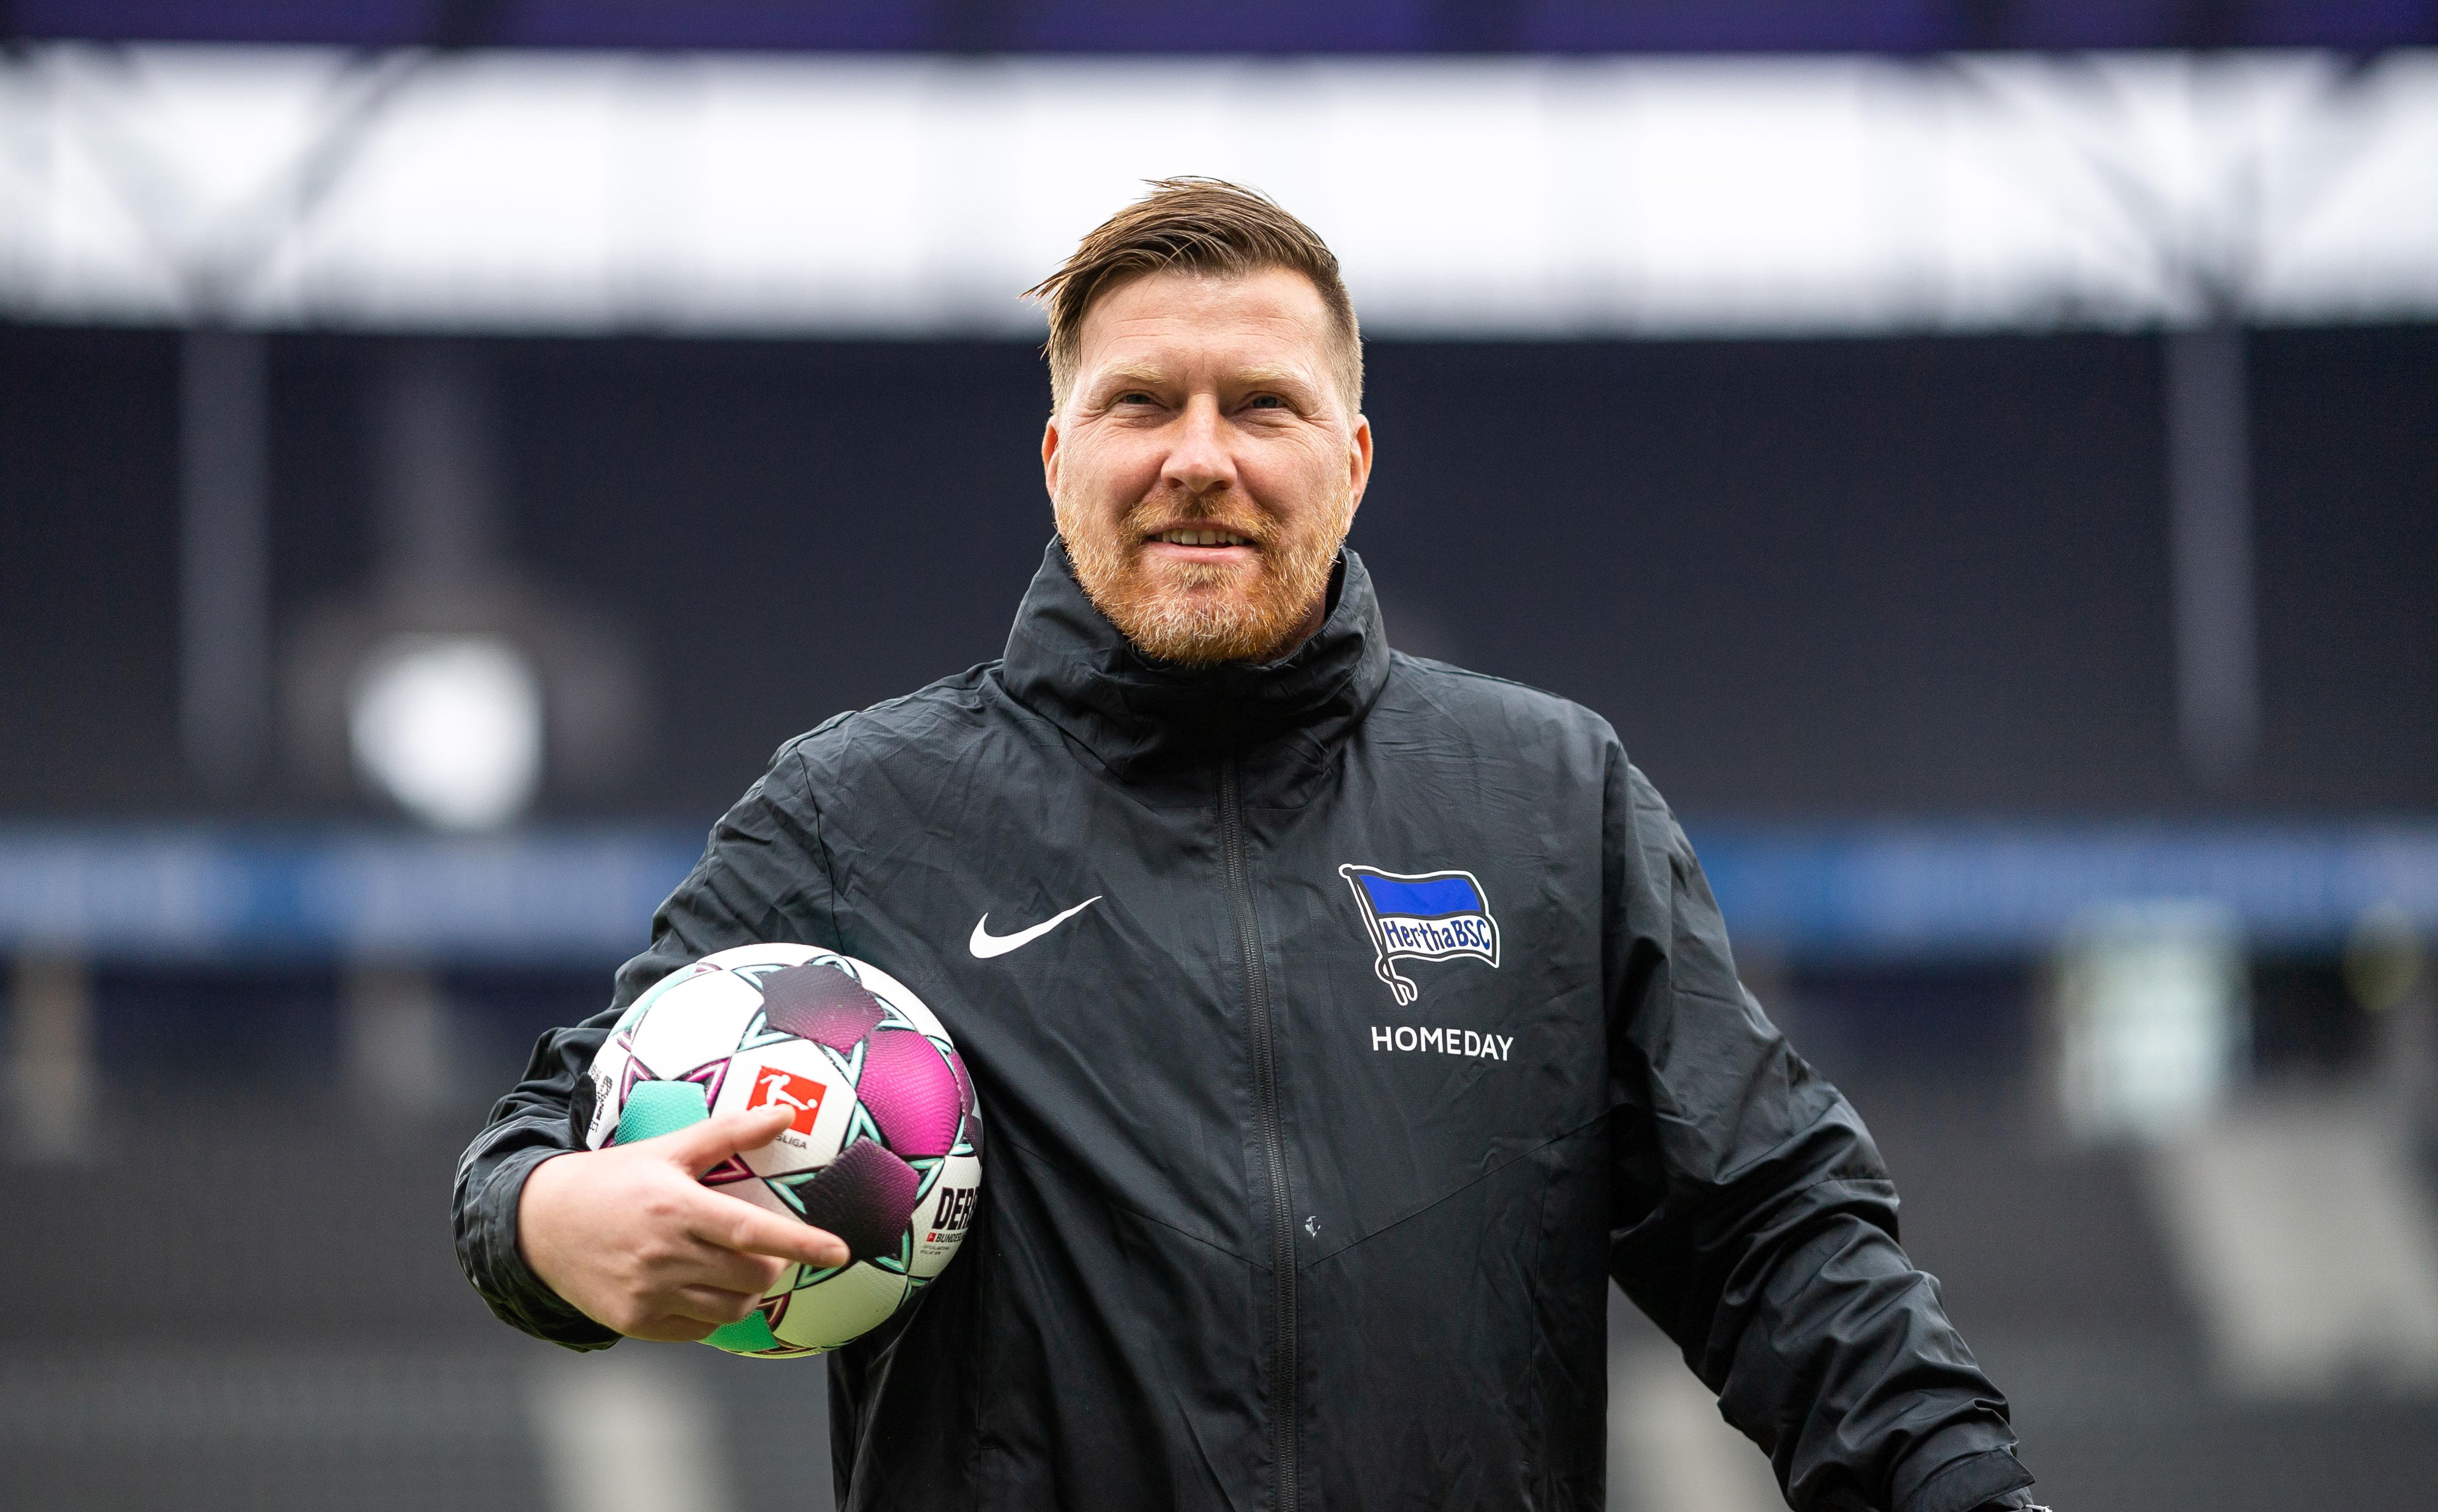 'Zecke' Neuendorf steht im Olympiastadion und hält einen Ball in seinem Arm.